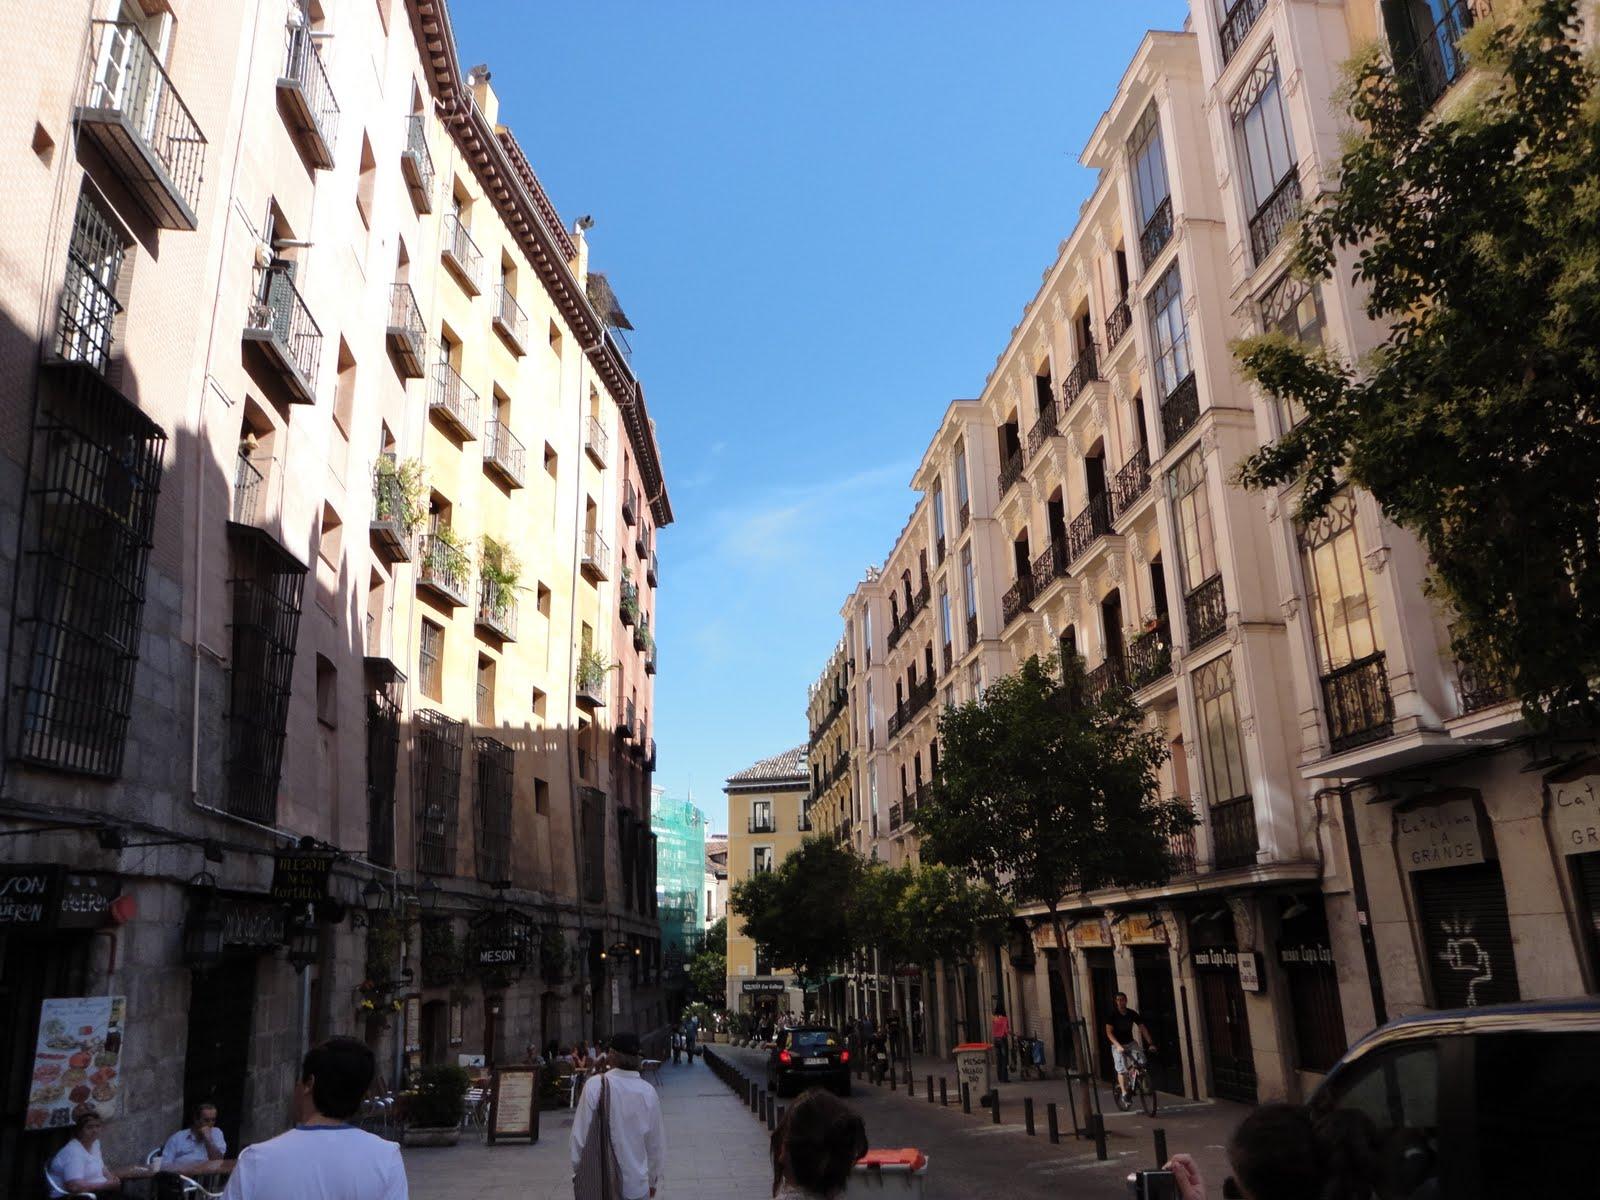 Pei mad bcn felipe ortega hosie centro hist rico de madrid - Centro historico de madrid ...